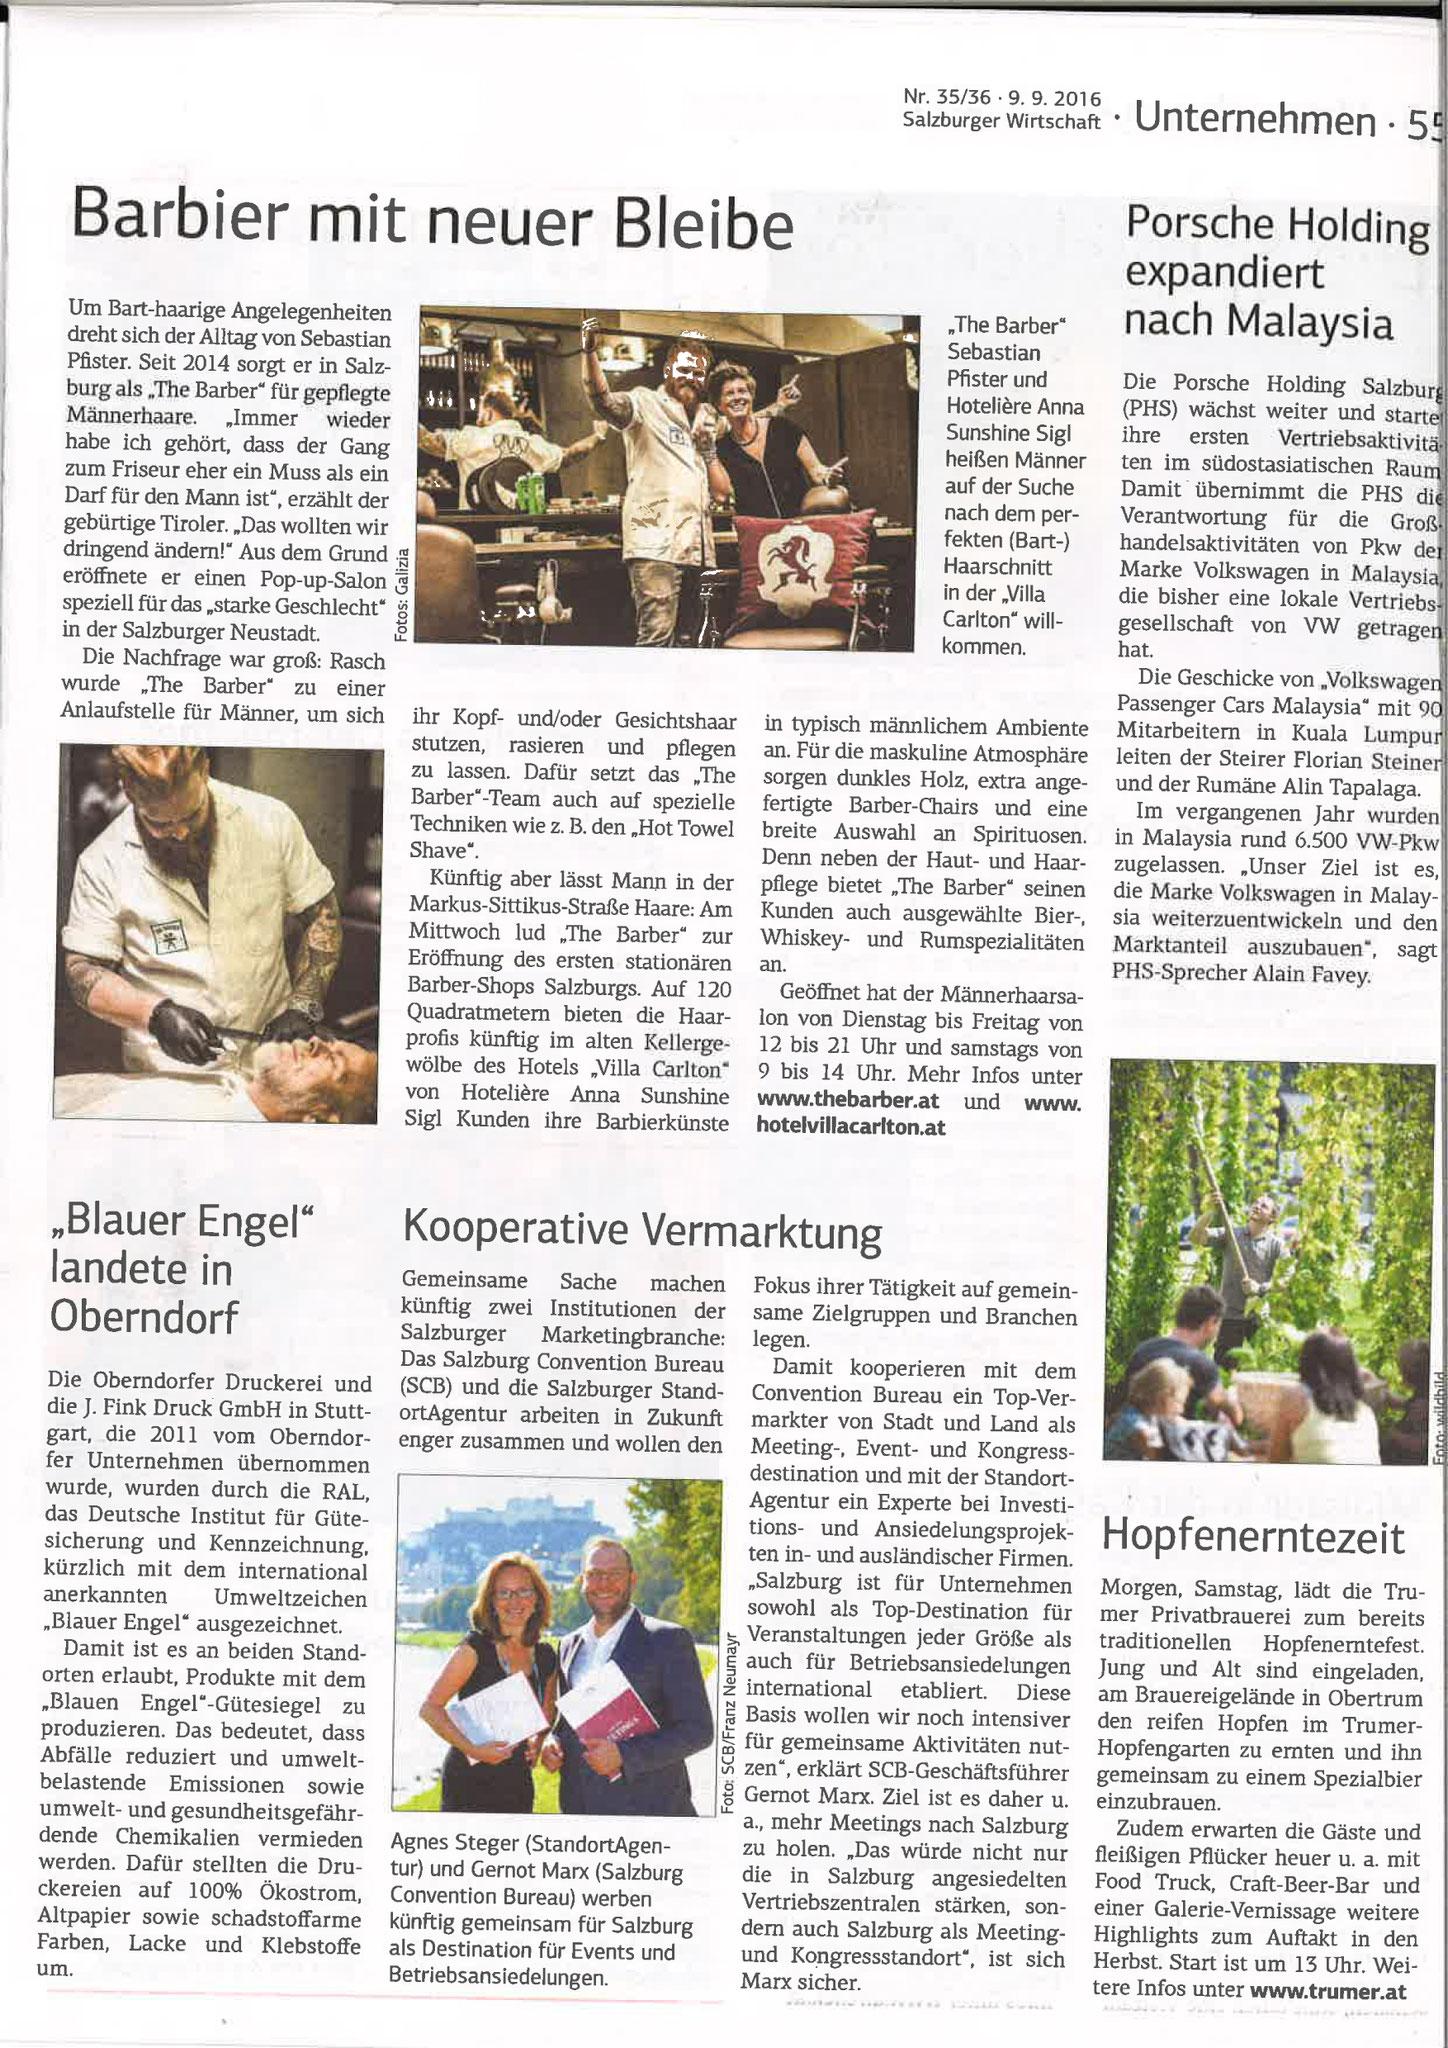 Salzburger Wirtschaft, 9. September 2016